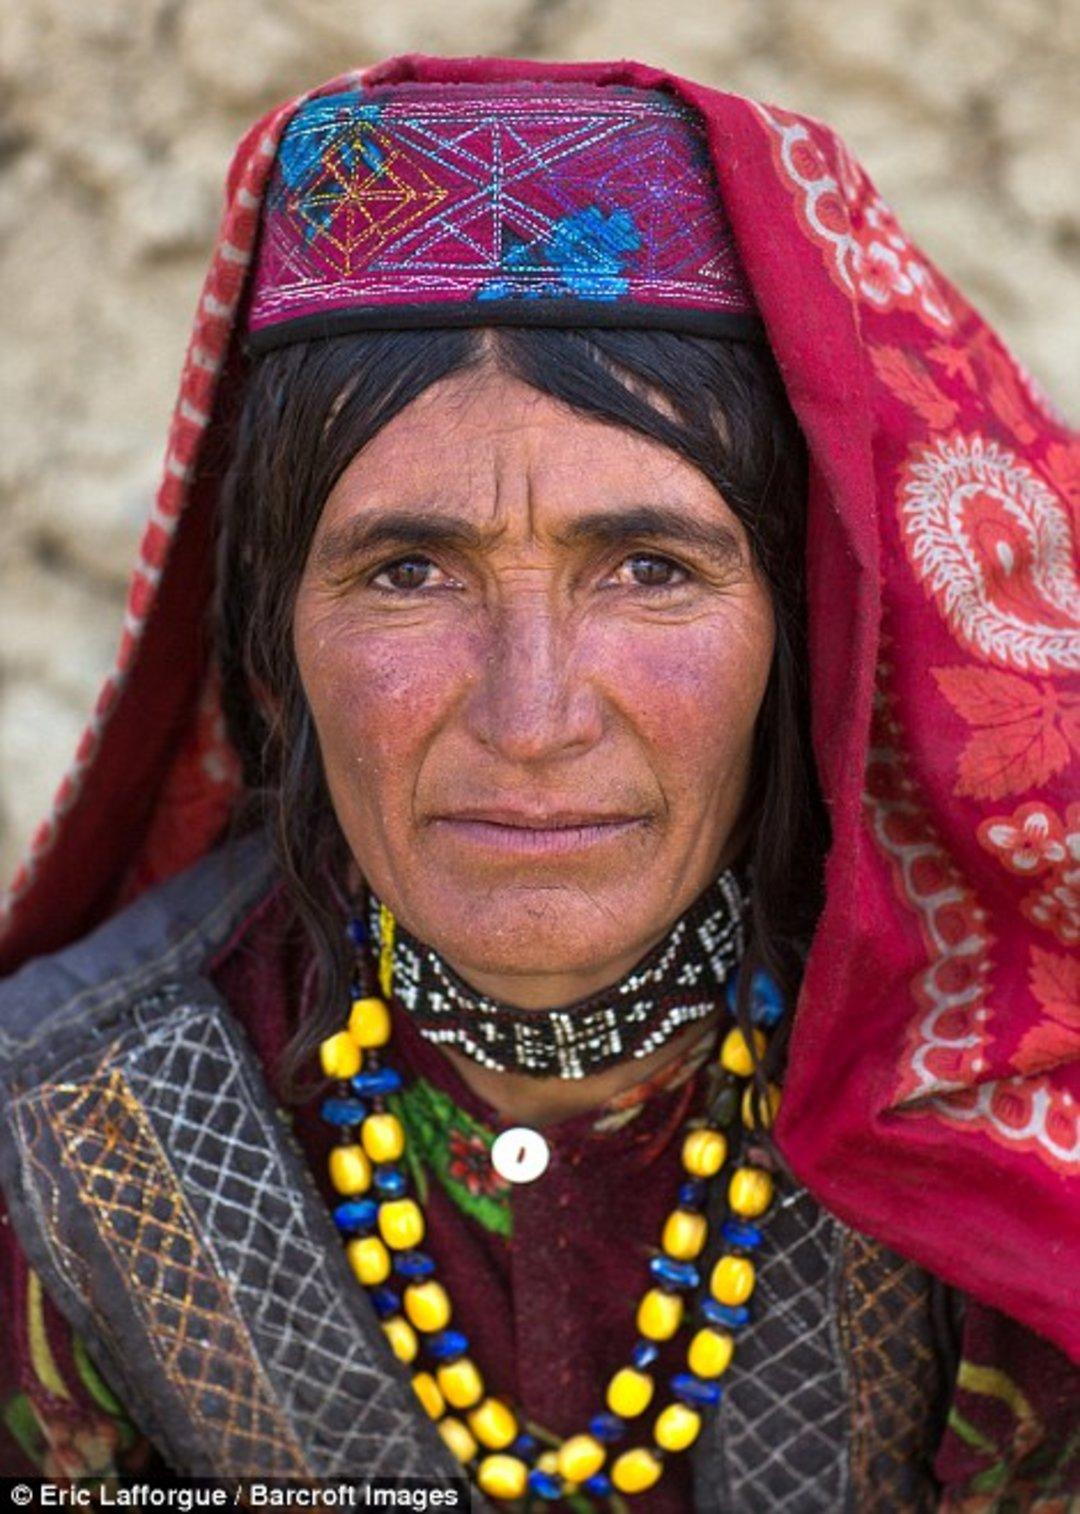 「这世界」阿富汗这片动荡的土地上,居然还藏着一个旅游景点_文化_好奇心日报